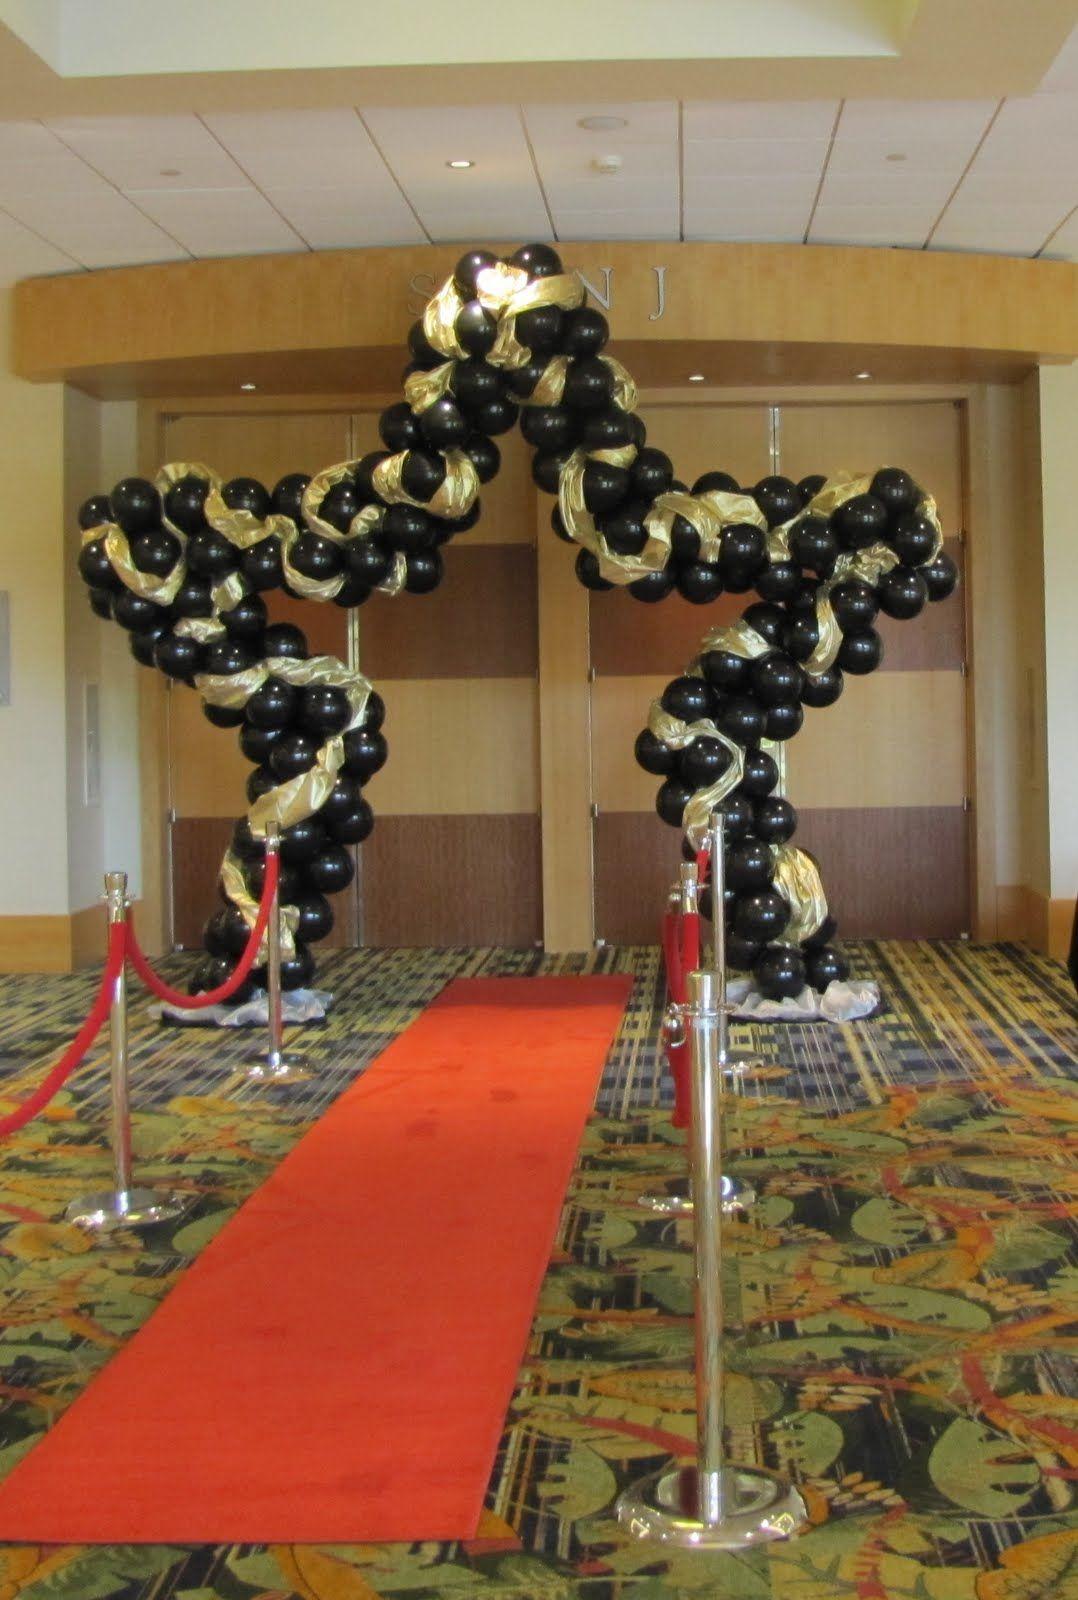 red carpet party ideas   decoração festa   pinterest   red carpet